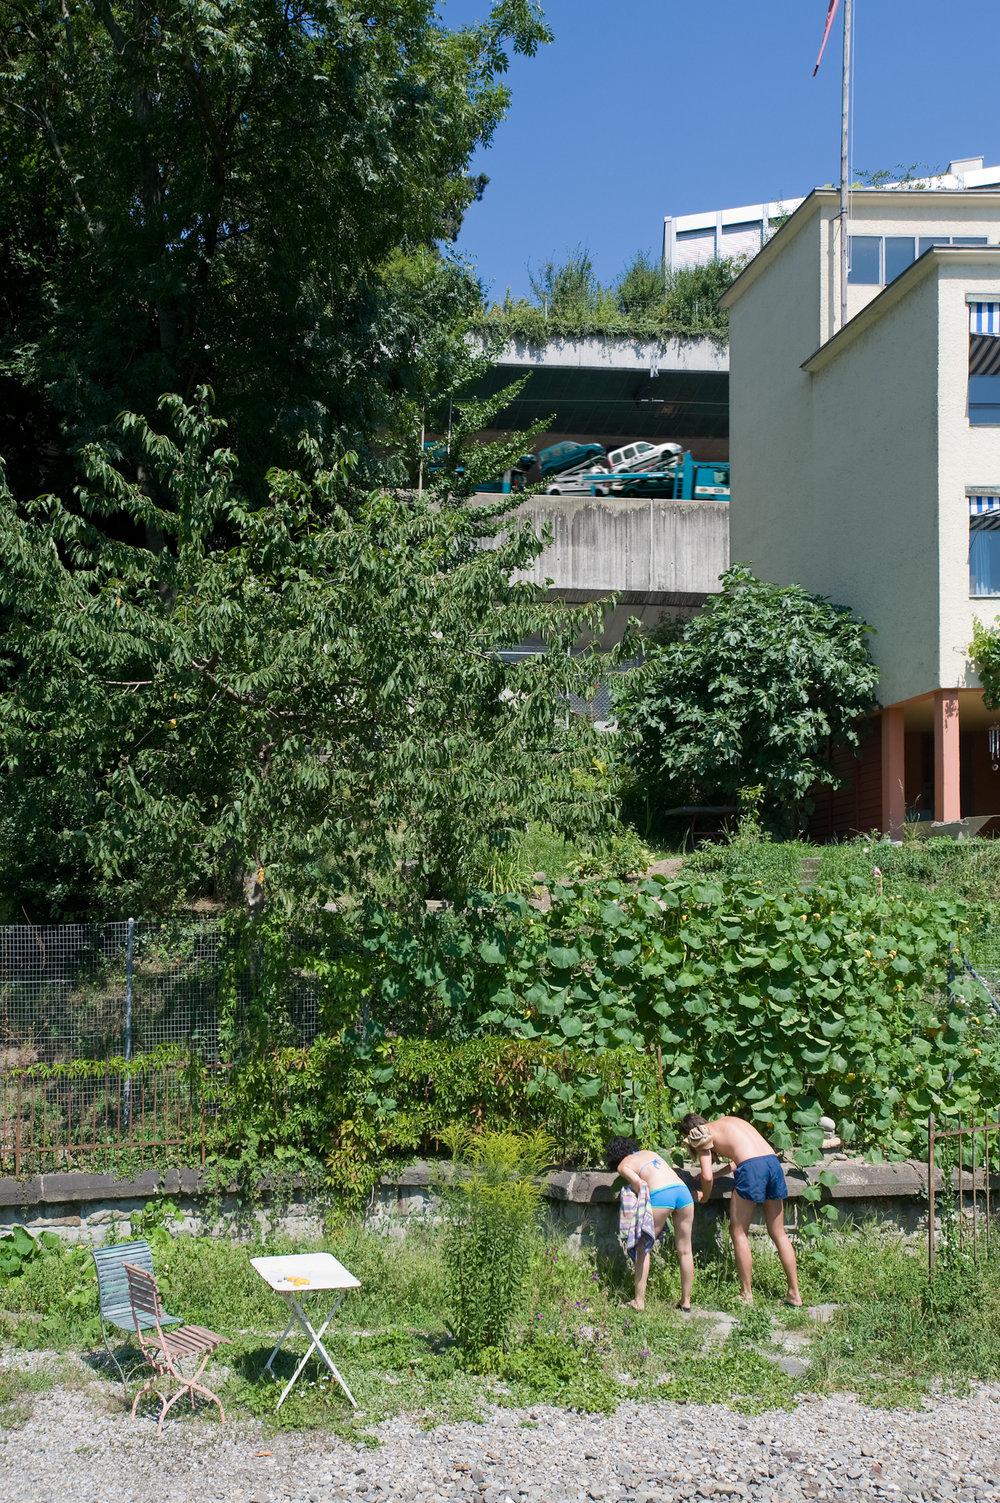 Summer in the City, Zürich, Personal Work, Fotostory, Streetfotografie, Fotograf Zürich, Schweiz, Personal Work, Fotostory, Streetfotografie, Fotograf Zürich, Schweiz